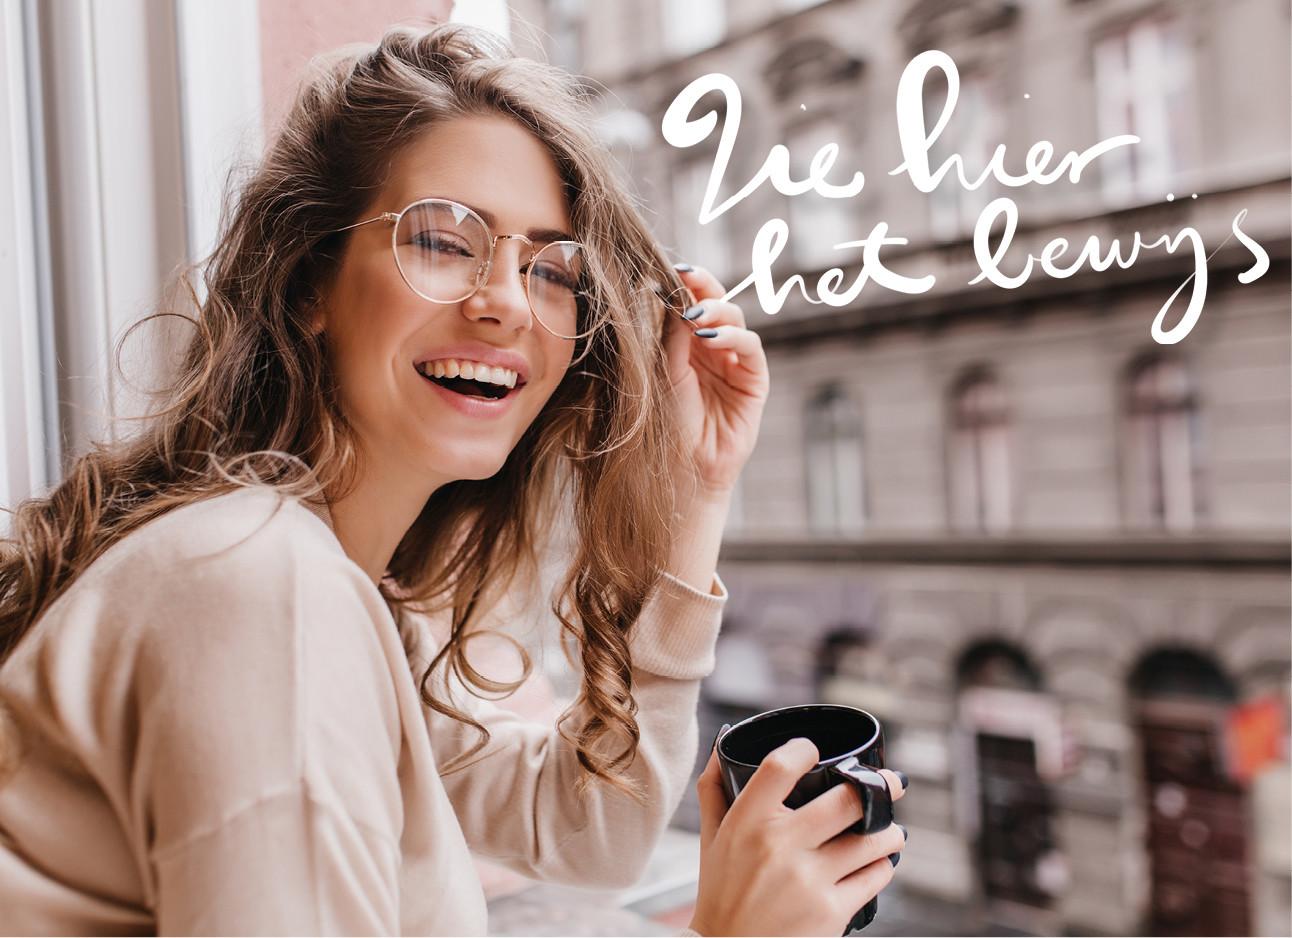 een meisje dat lachend uit een balkon hangt met een kop koffie in der handen